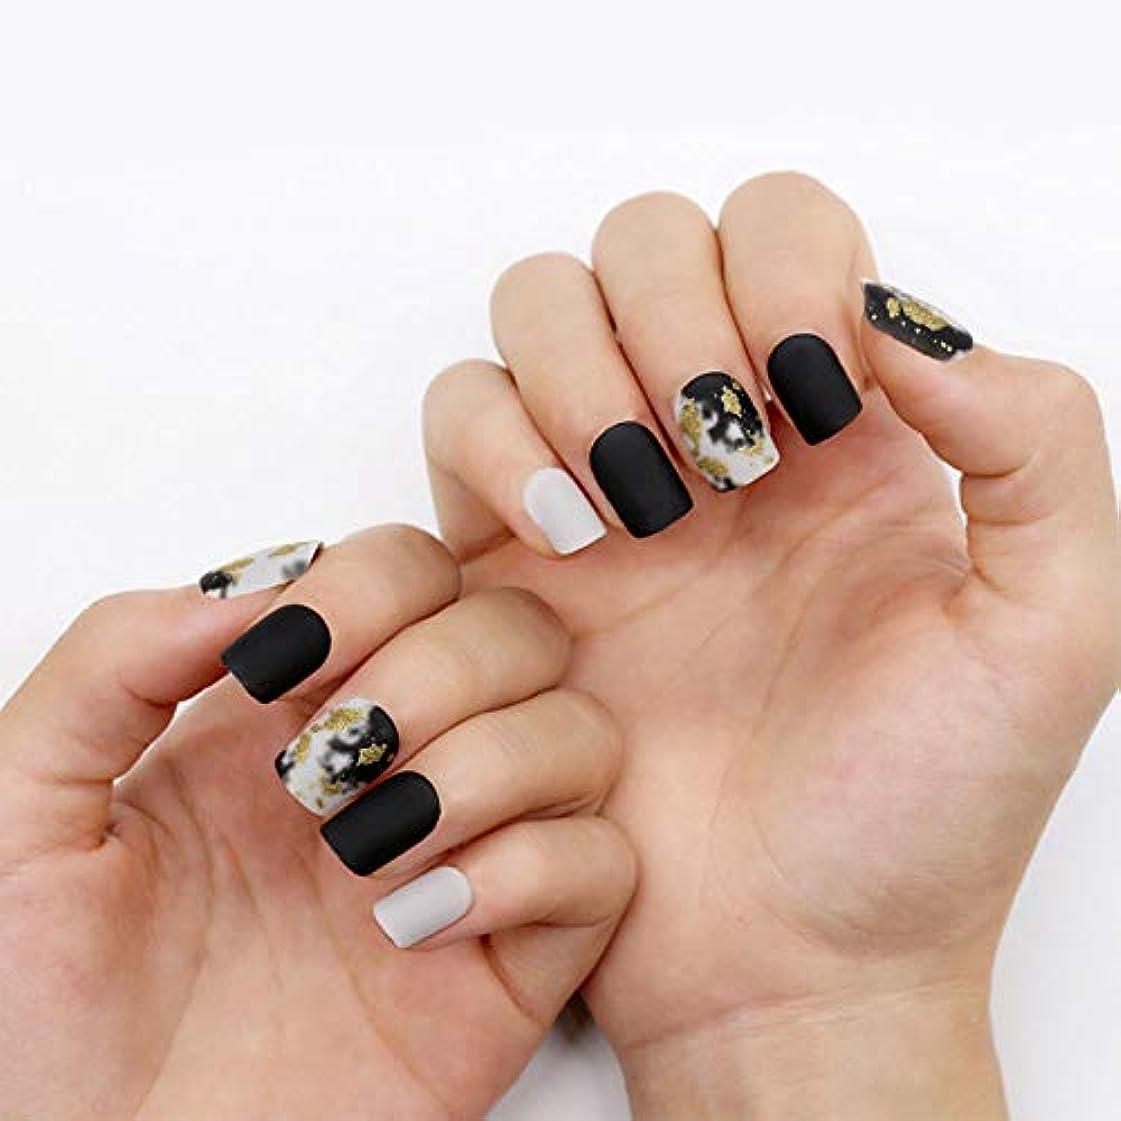 鎮痛剤論争遠征ネイルチップ 12サイズ 夏の 優雅 黒 つけ爪 ネイル用品 ショート デコレーション 無地 付け爪